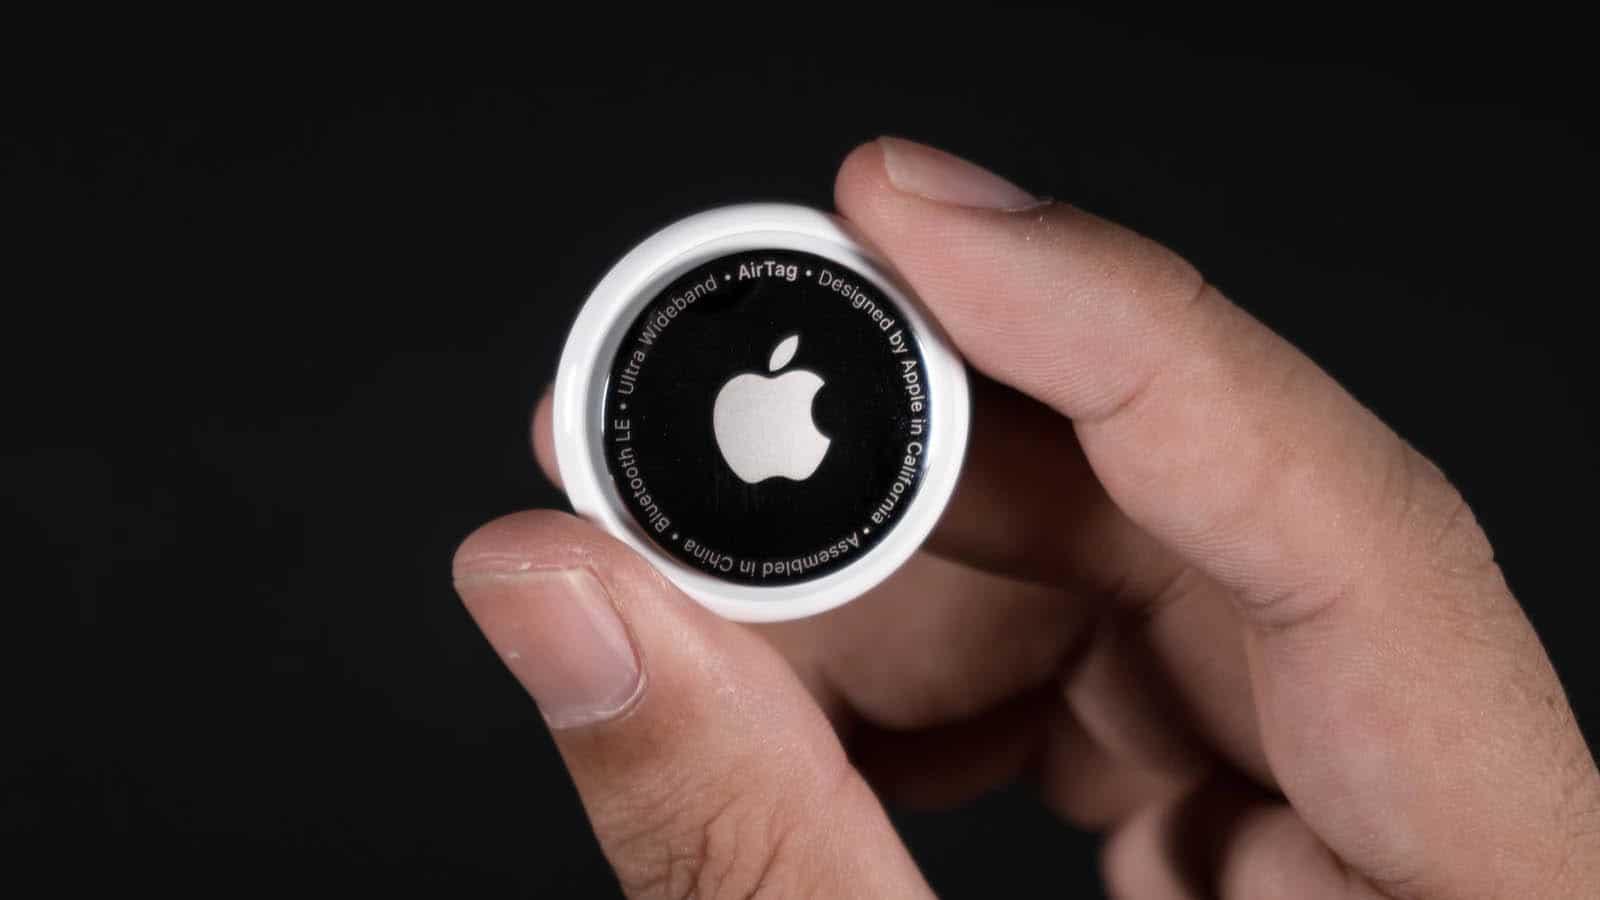 apple airtag being held